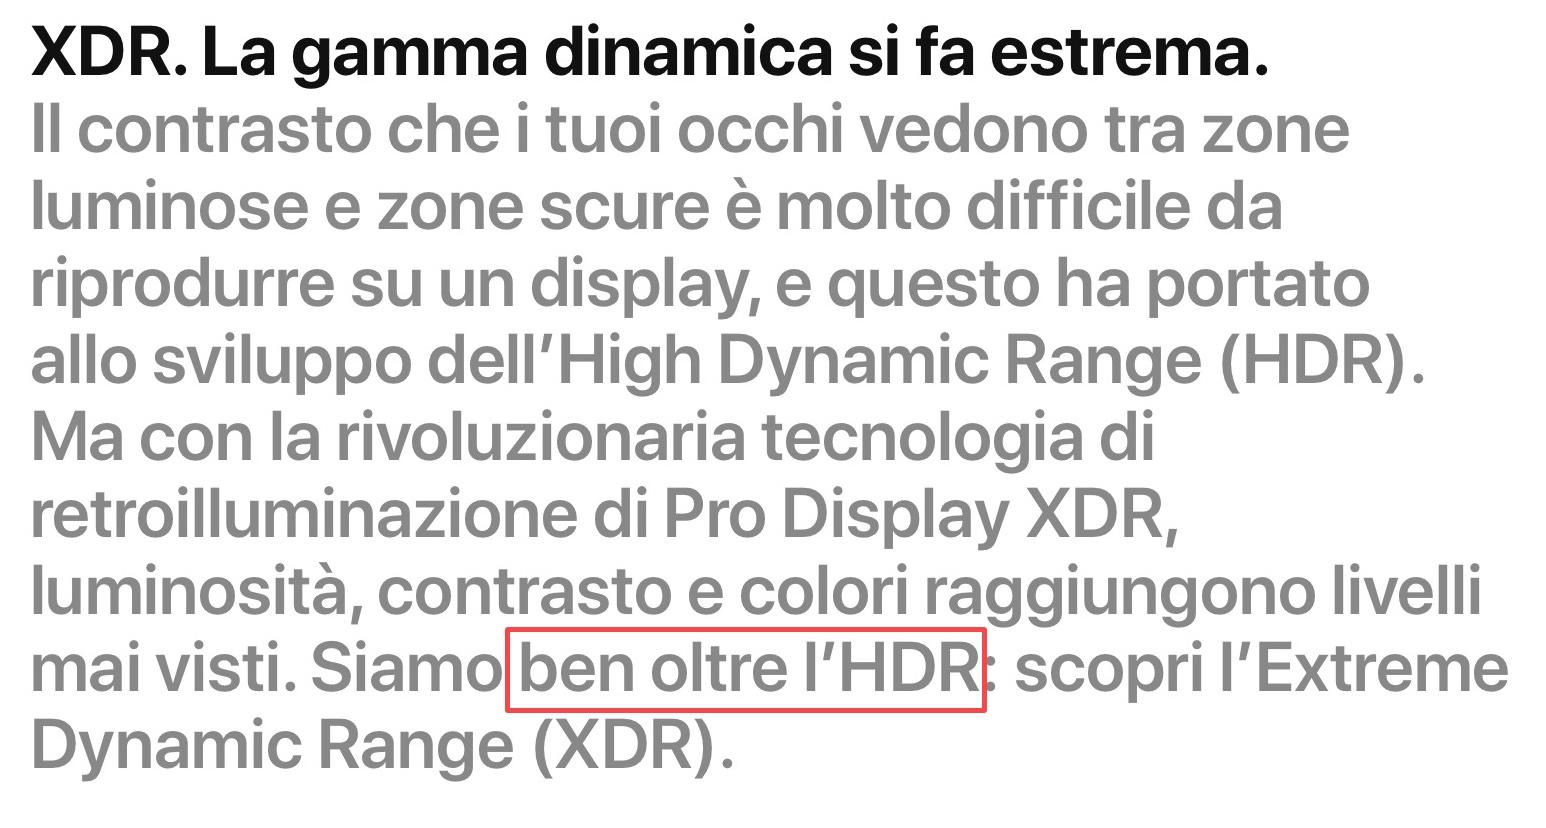 Apple rimuove la dicitura «Ben oltre l'HDR» per Pro Display XDR